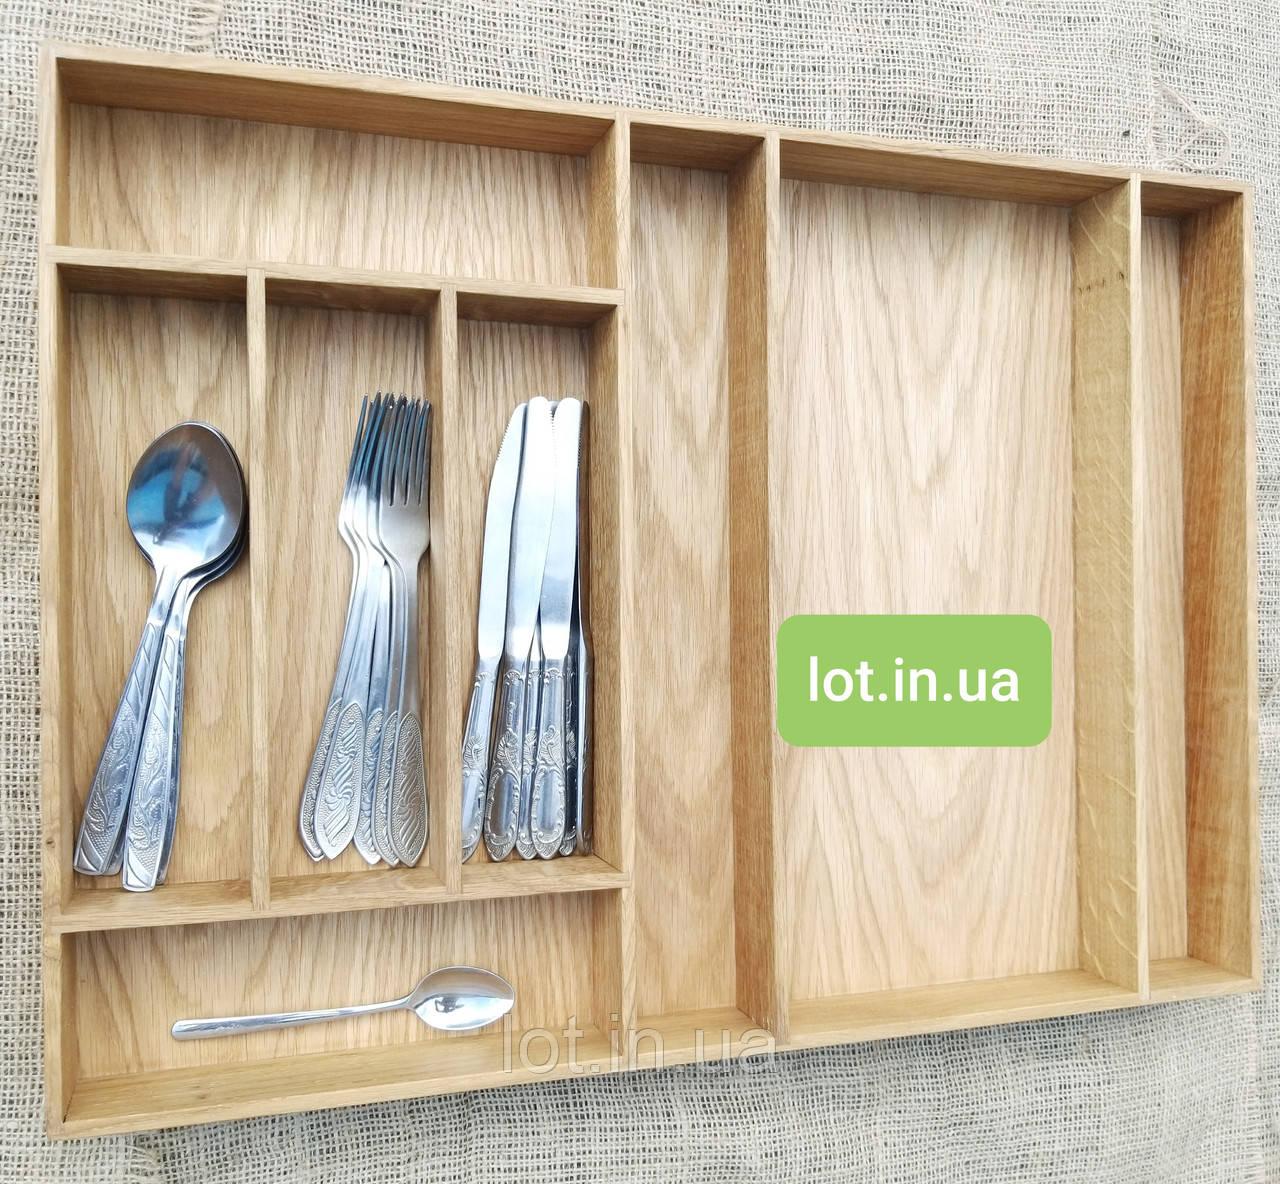 Деревянный лоток для столовых приборов Lot 108 900х500. (индивидуальные размеры)